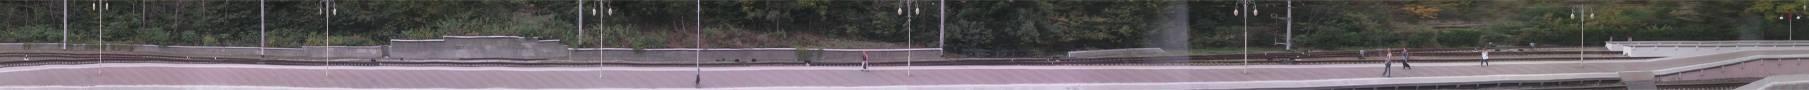 Ekspozzer — создание панорамы из видео, усреднение видеопотока - 34